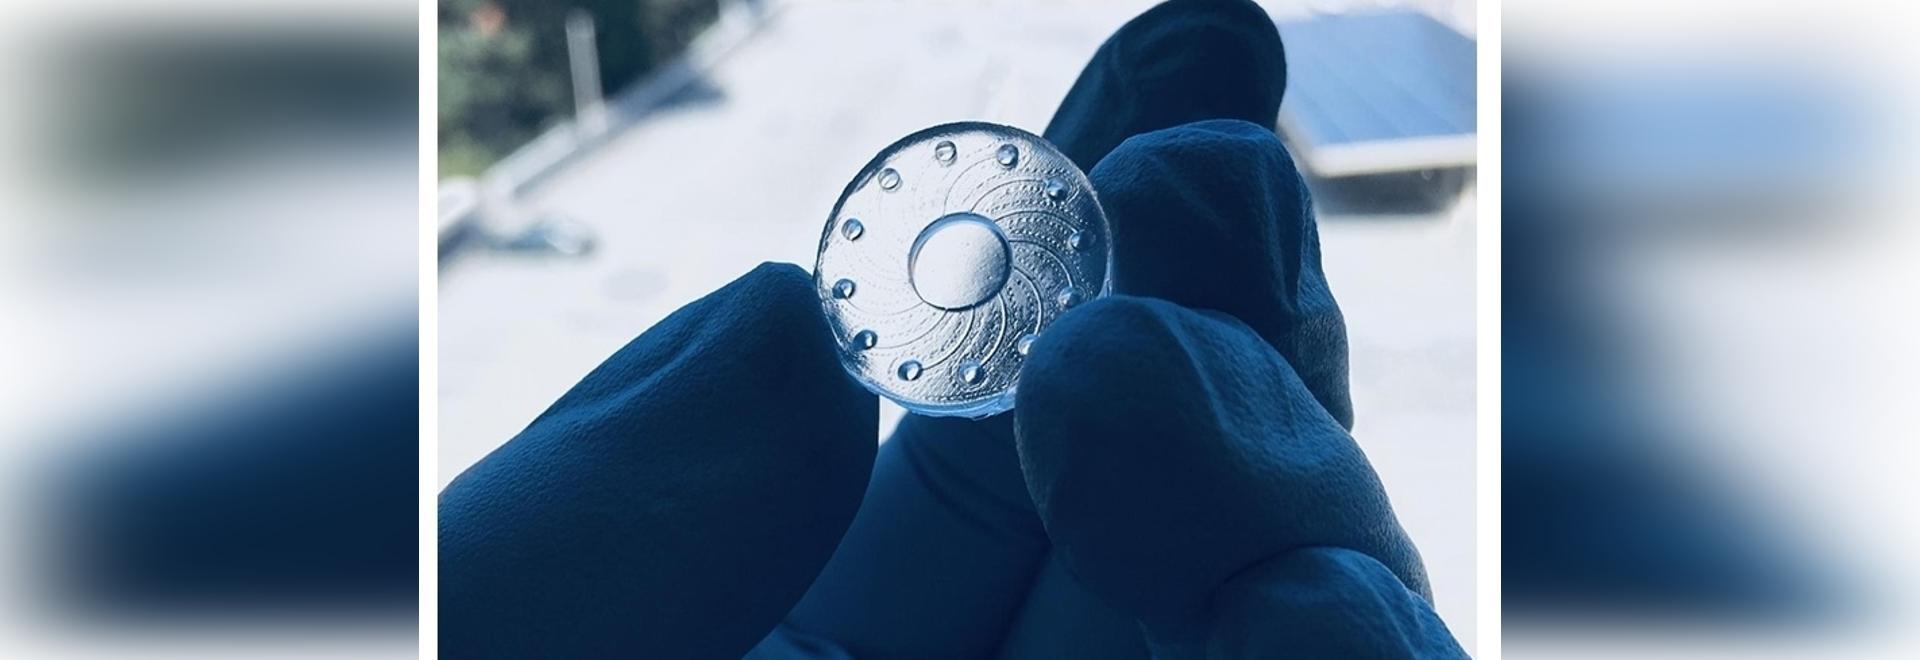 Une lentille de contact en hydrogel mesure les biomarqueurs en larmes